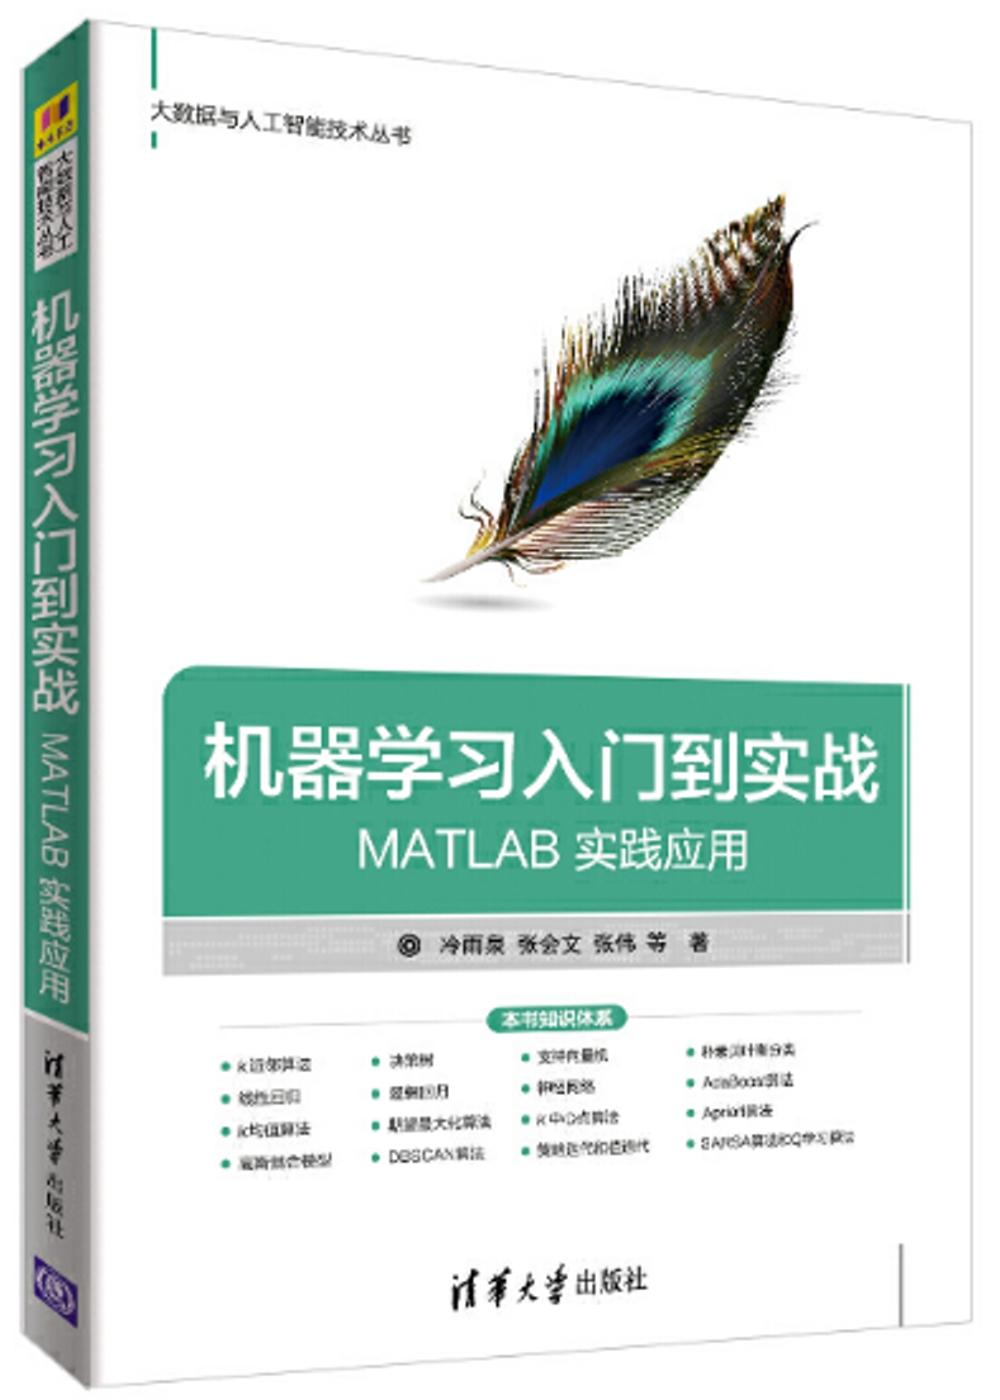 機器學習入門到實戰:MATLAB 實踐應用